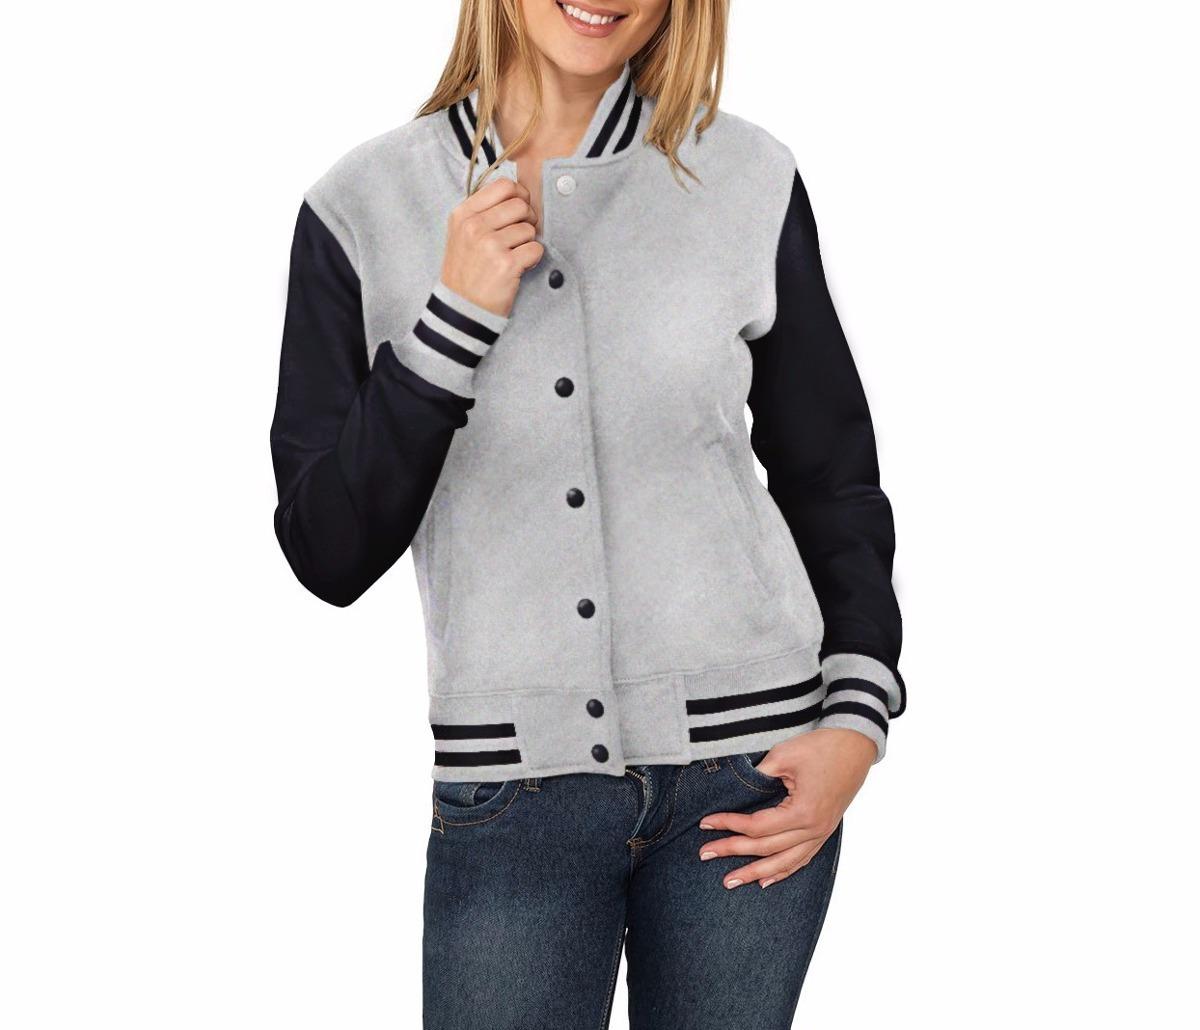 d666c4288 jaqueta college feminina casaco blusa colegial frio lisa. Carregando zoom.